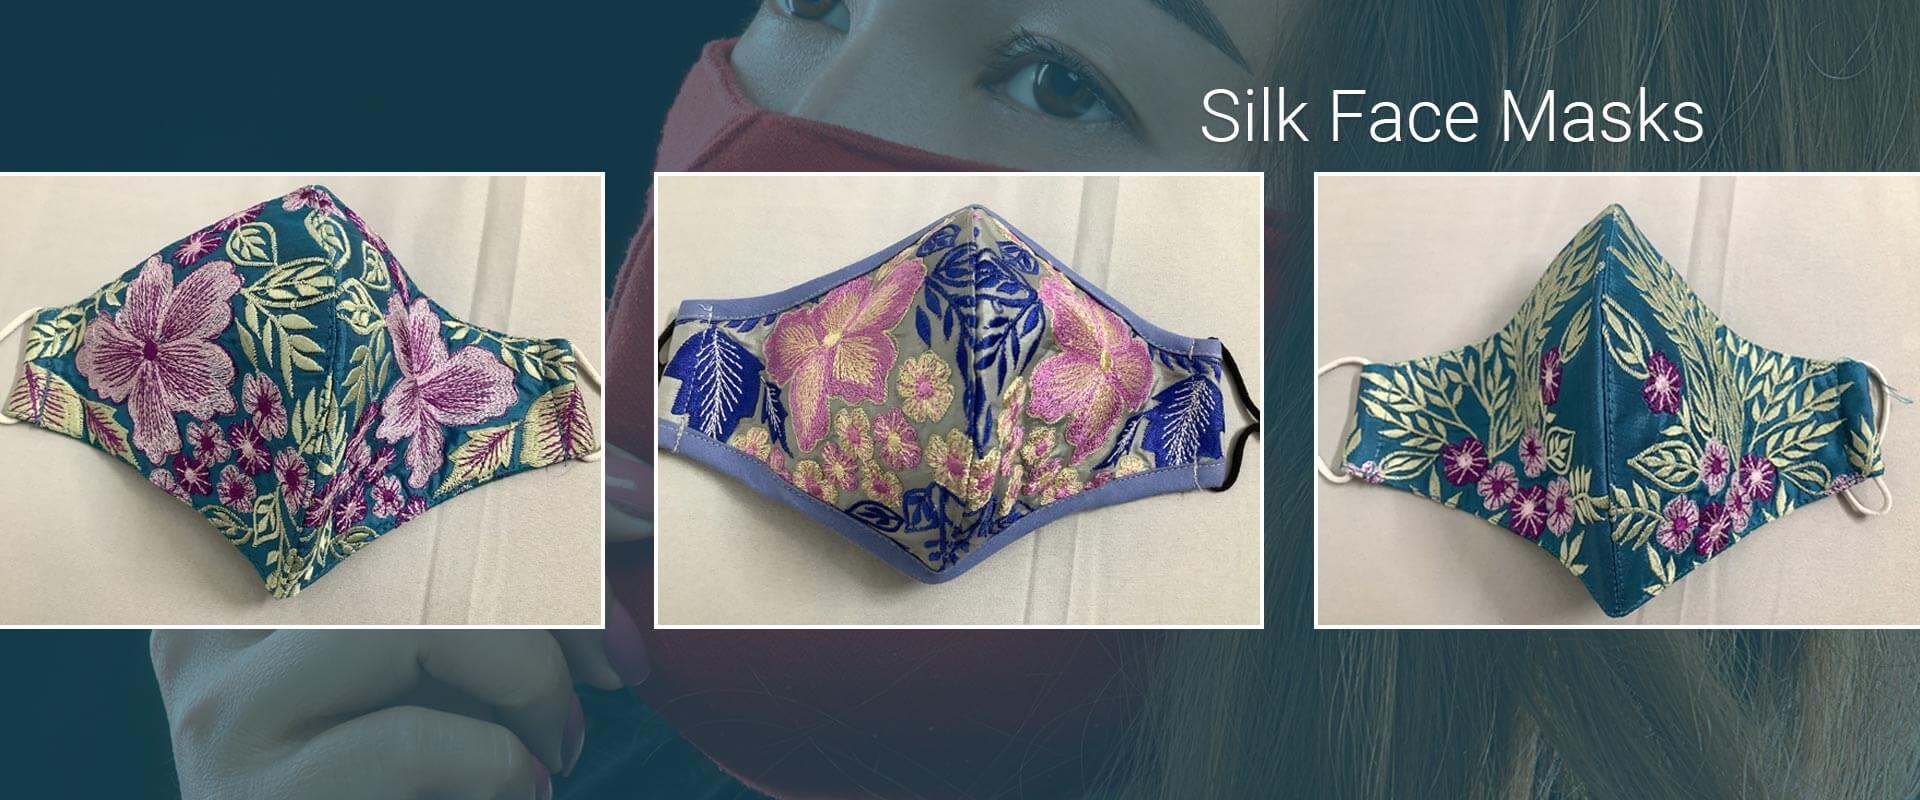 Silk-Face-Masks-1